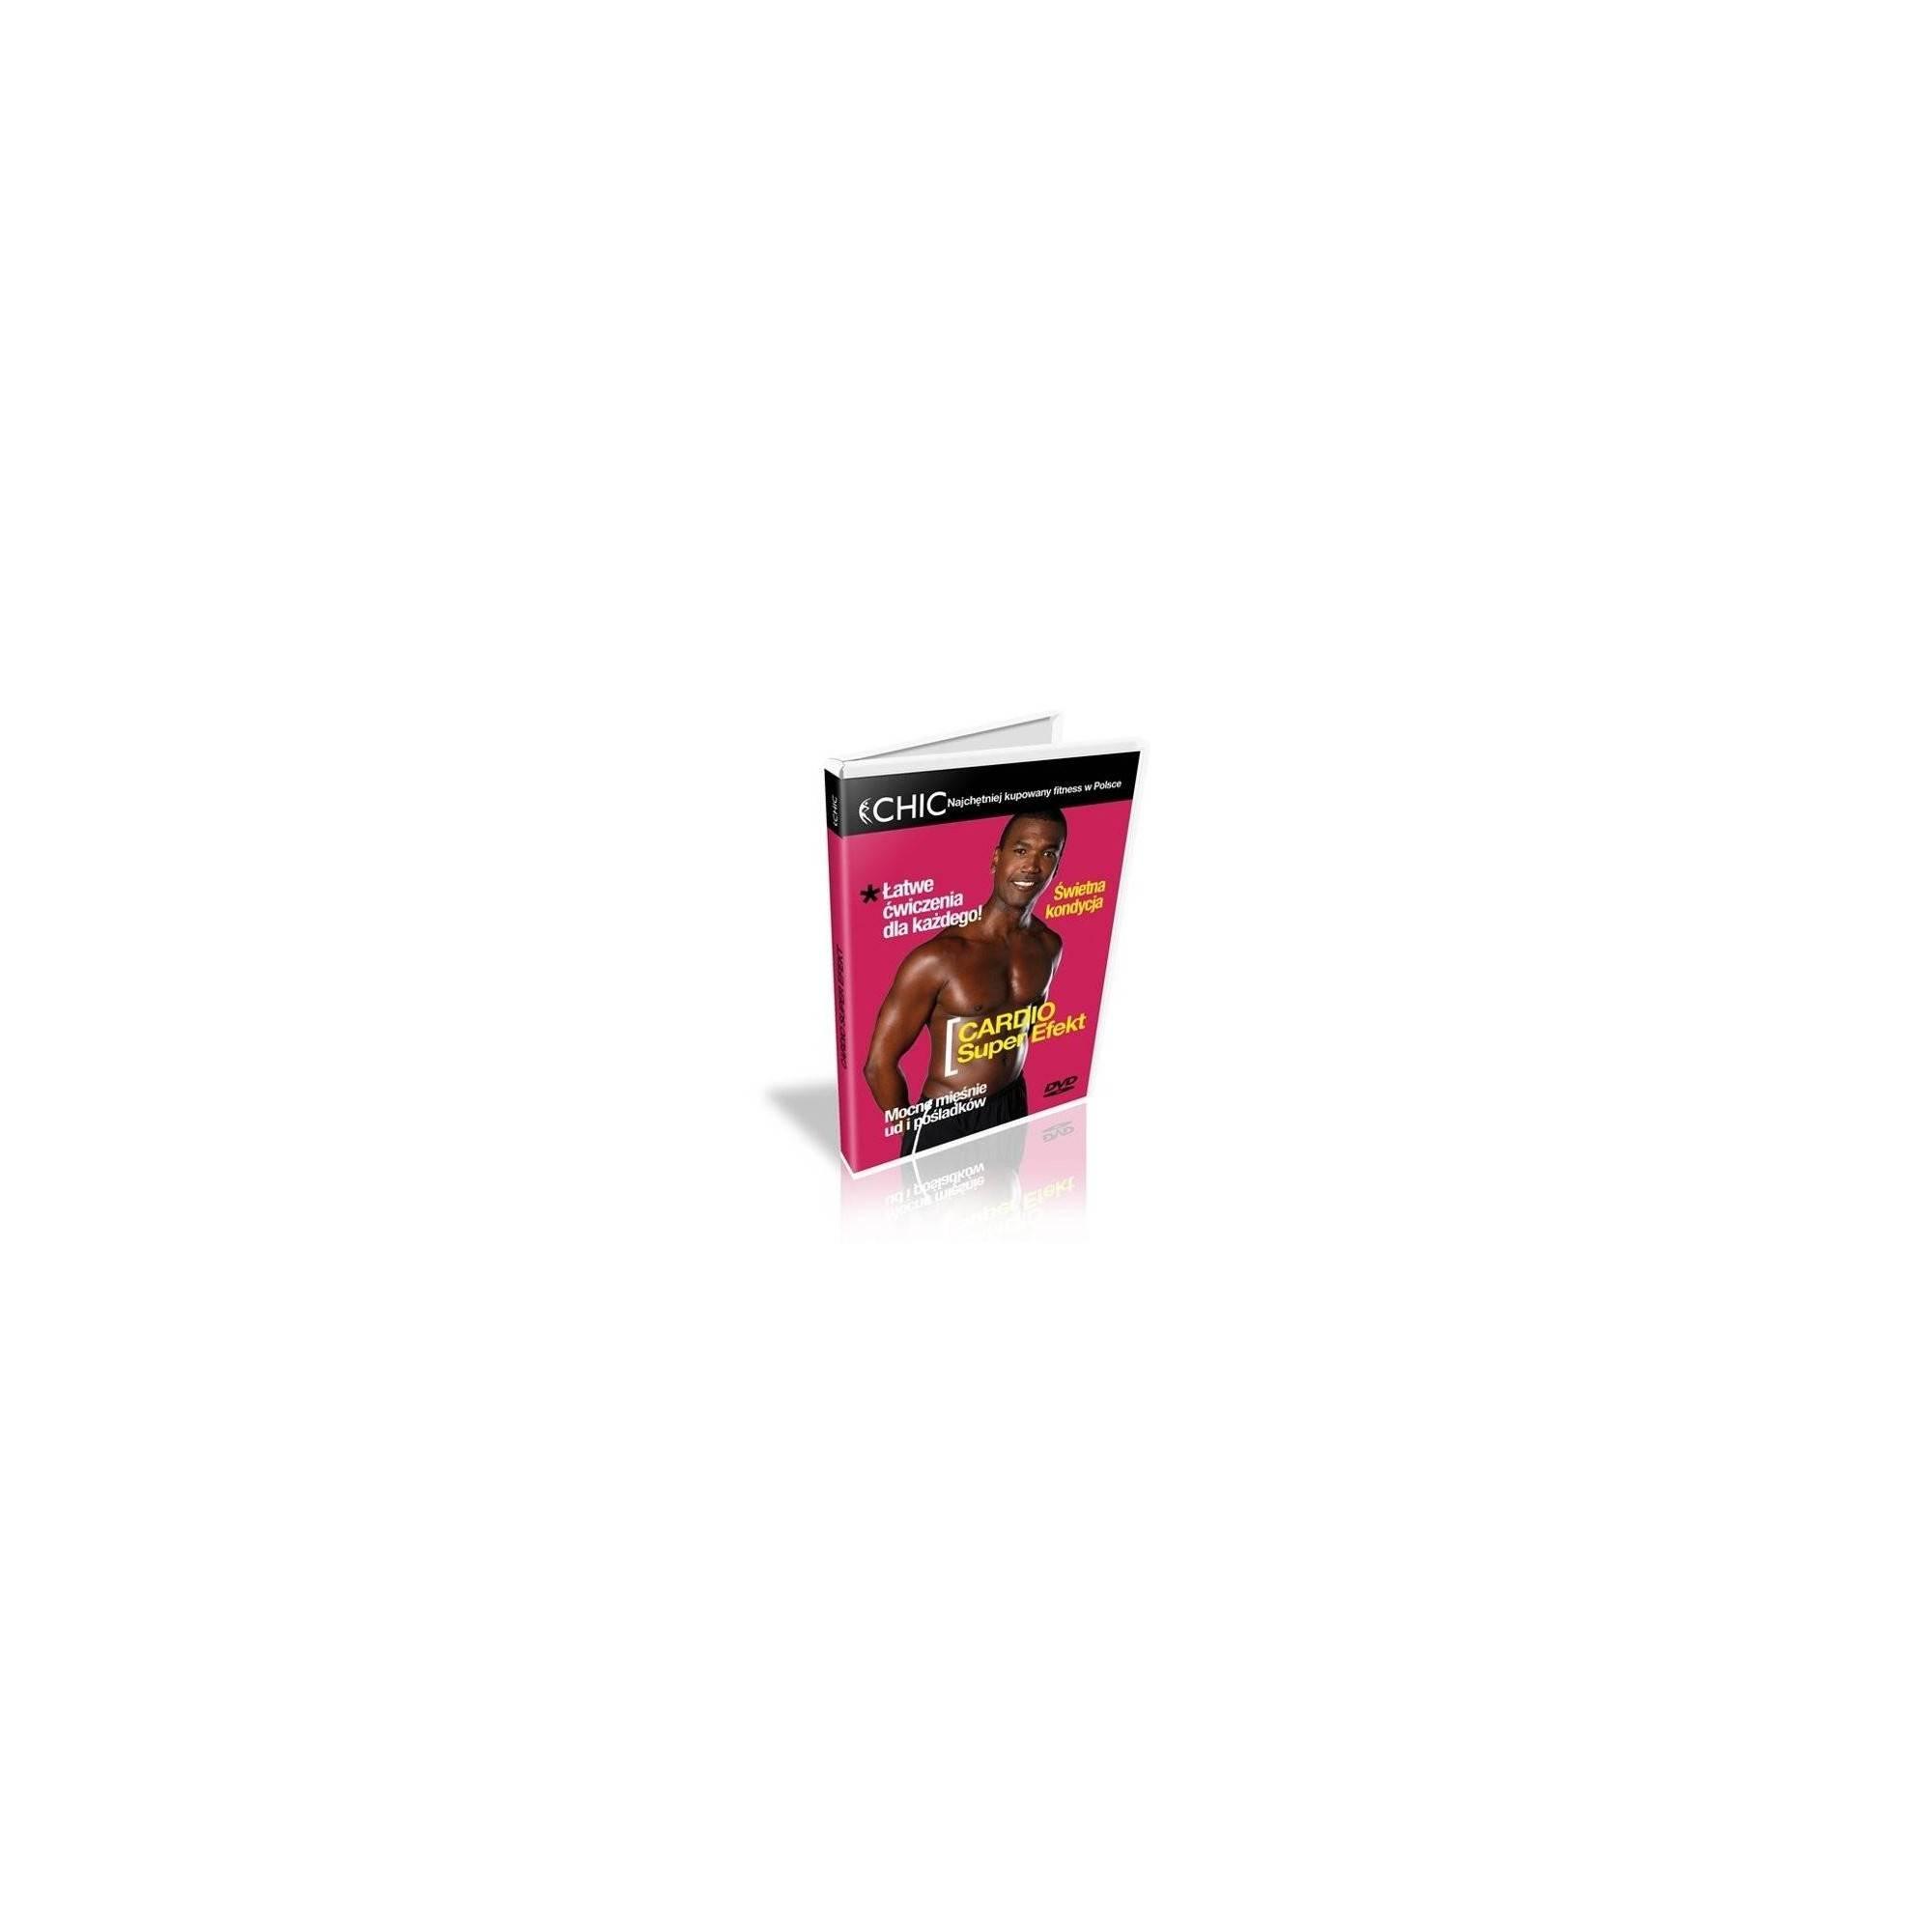 Ćwiczenia instruktażowe DVD Cardio Super Efekt,producent: MayFly, photo: 1